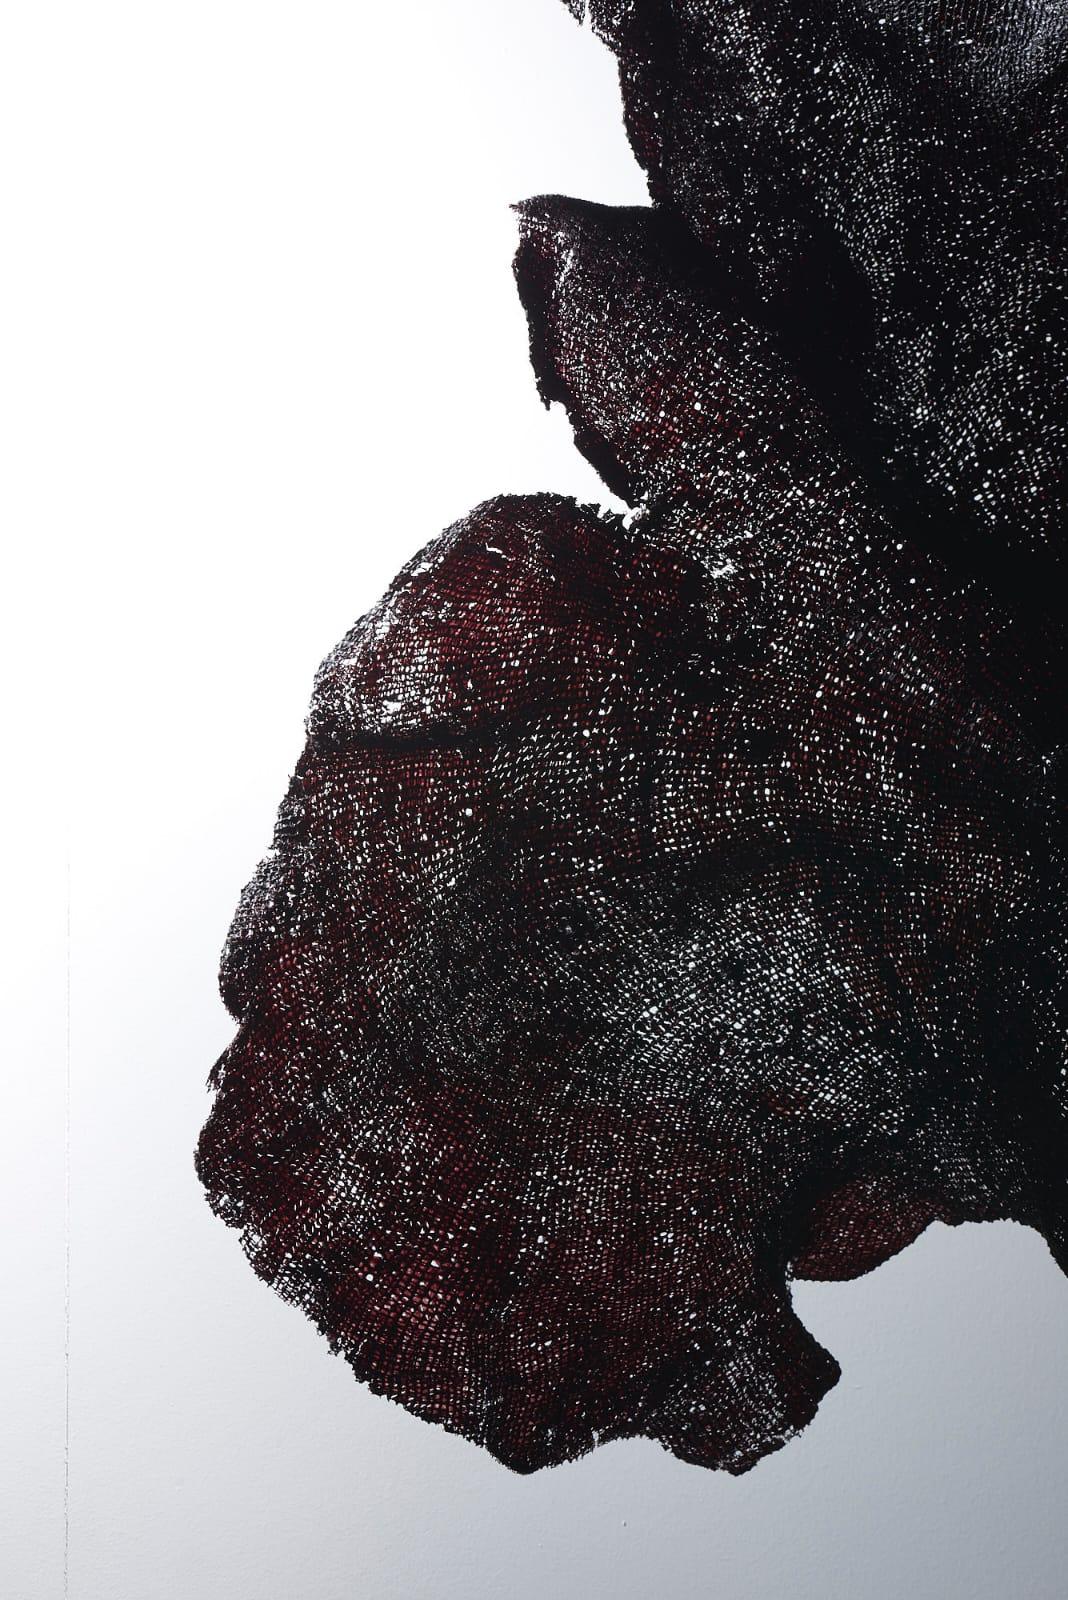 Éponge noire sur socle en laiton plaqué noir mat, LIAIGRE. 54 x 59 x 11 cm